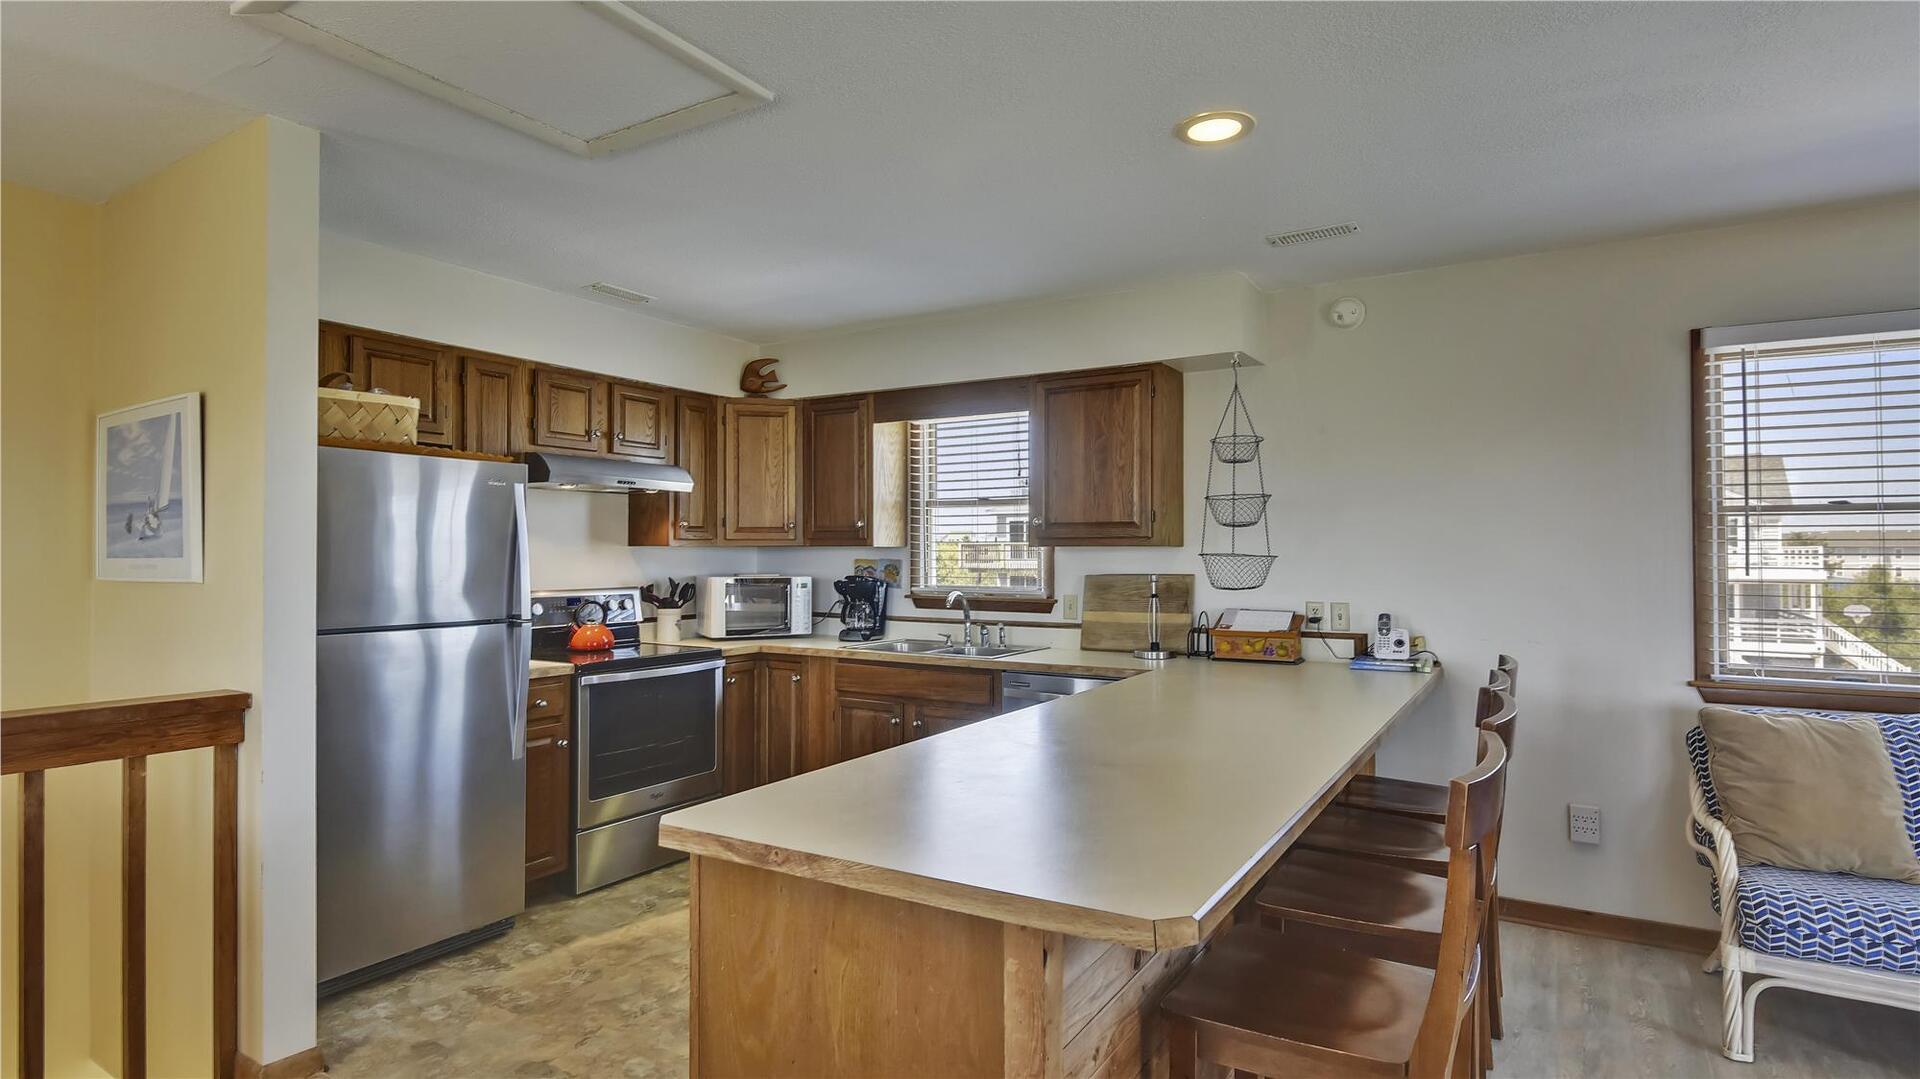 Main/Upper,Kitchen,